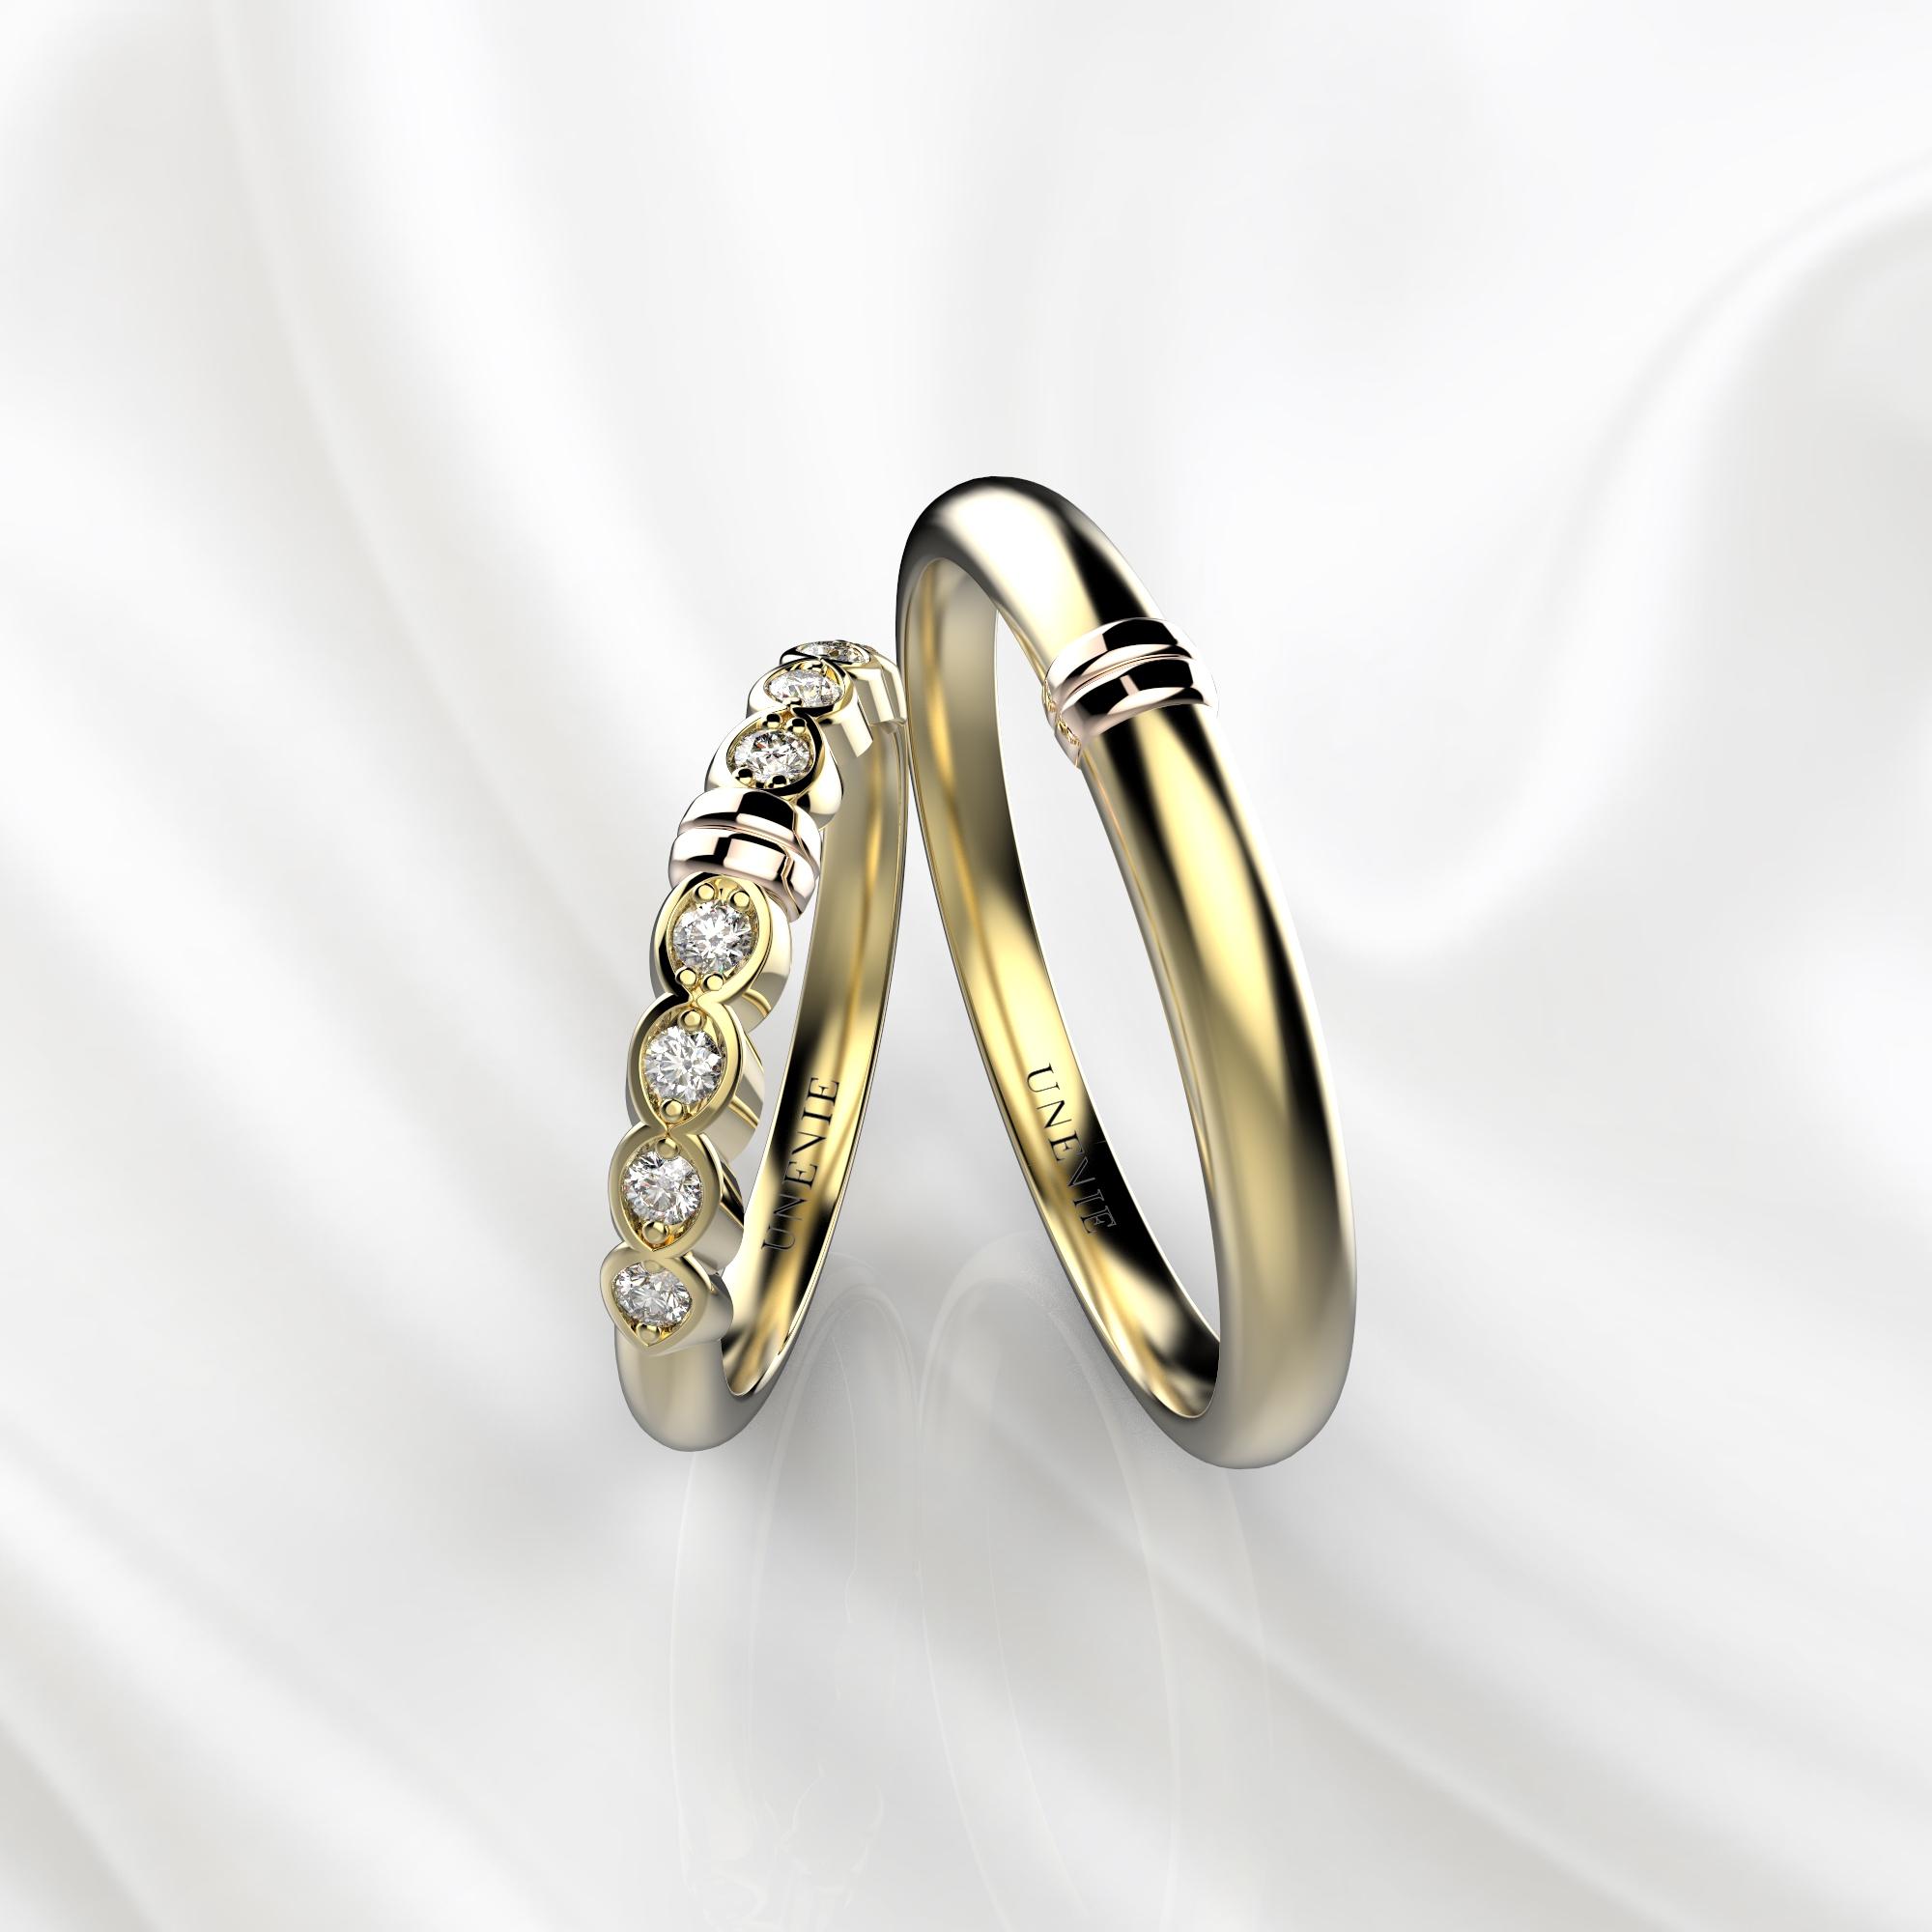 NV36 Обручальные кольца из желто-розового золота с бриллиантами